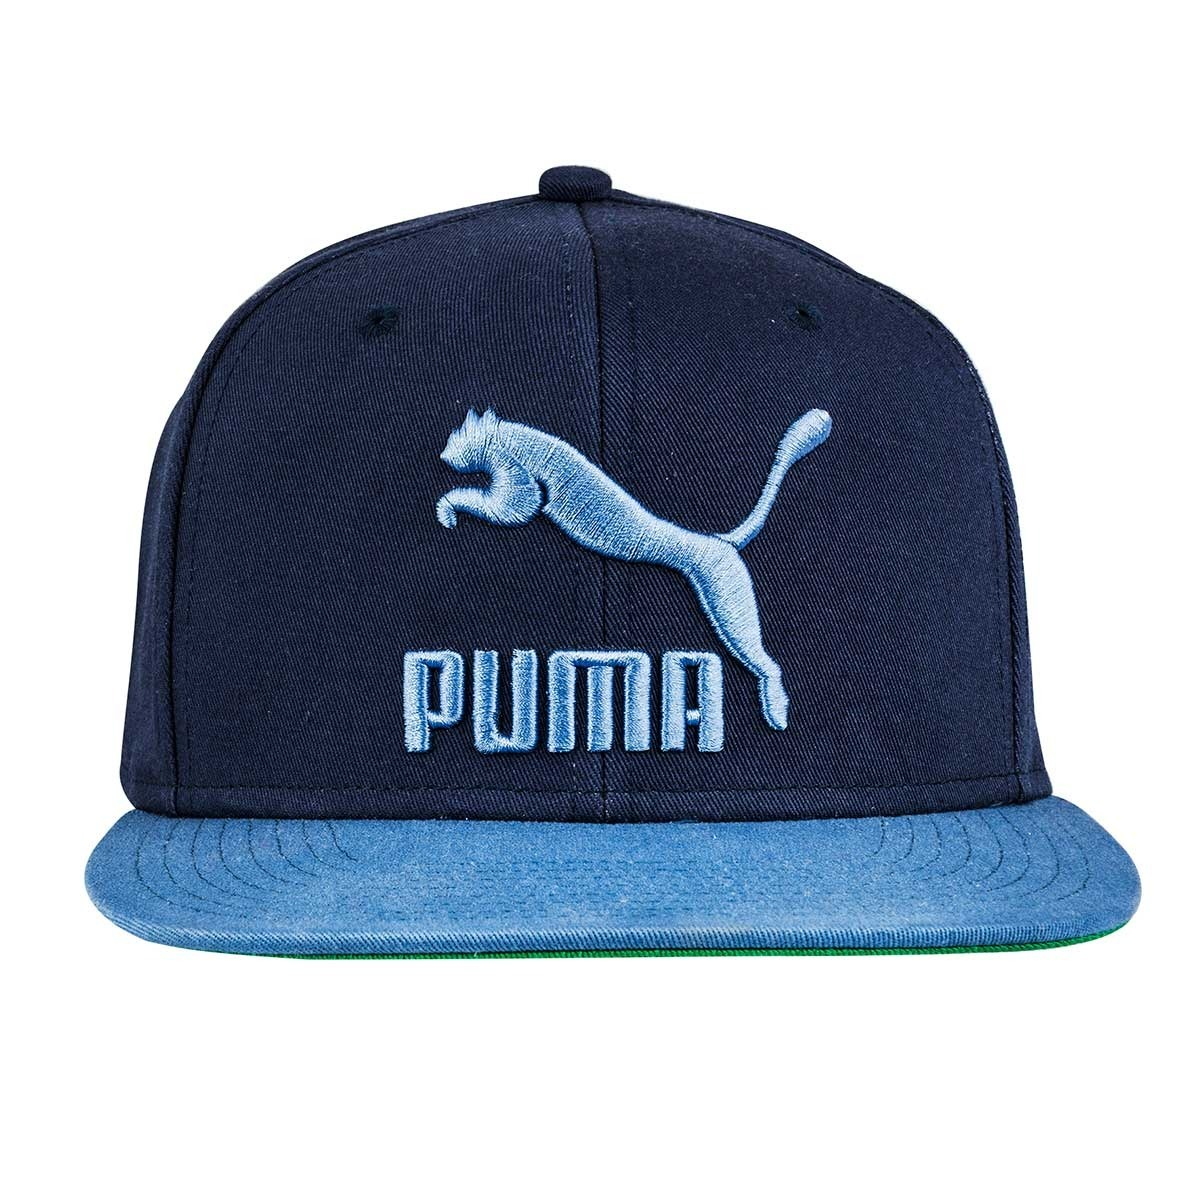 Gorra Puma Ls Colourblock Azul H77989 100% Original + Envio ... 2d41fb807c3